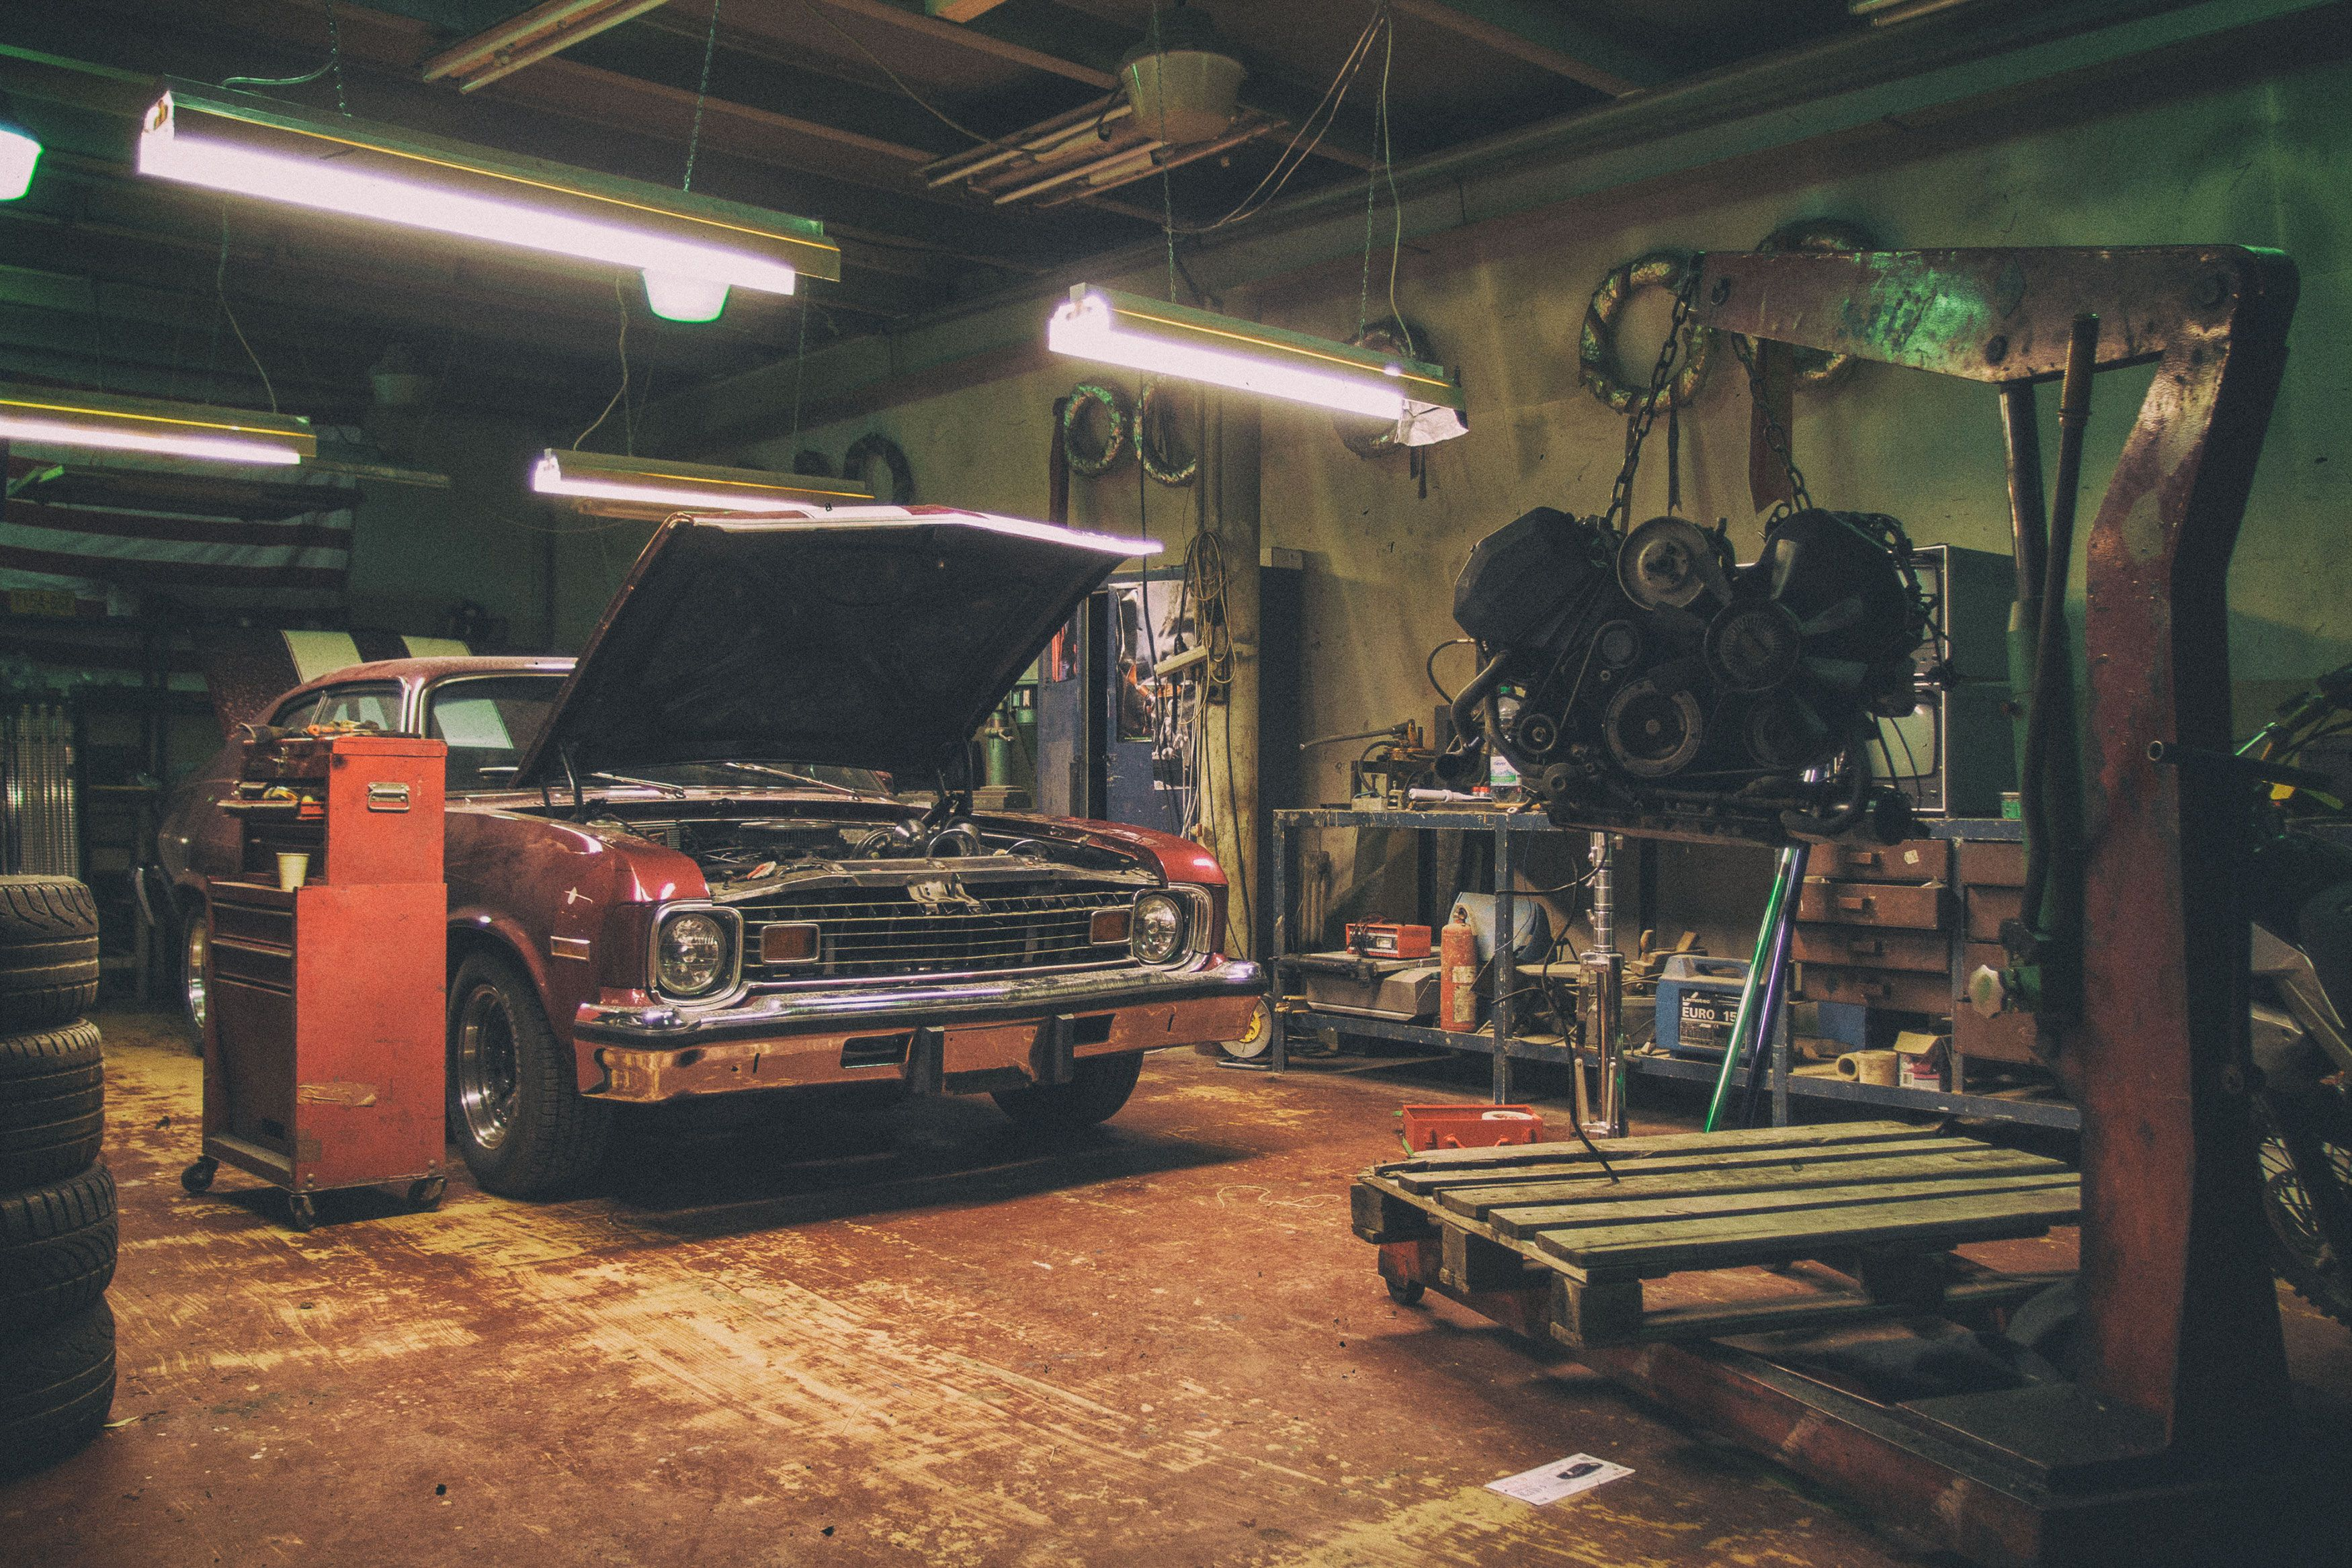 Car Repair Shop Free Stock Photo Libreshot Auto Repair Shop Car Repair Service Garage Repair